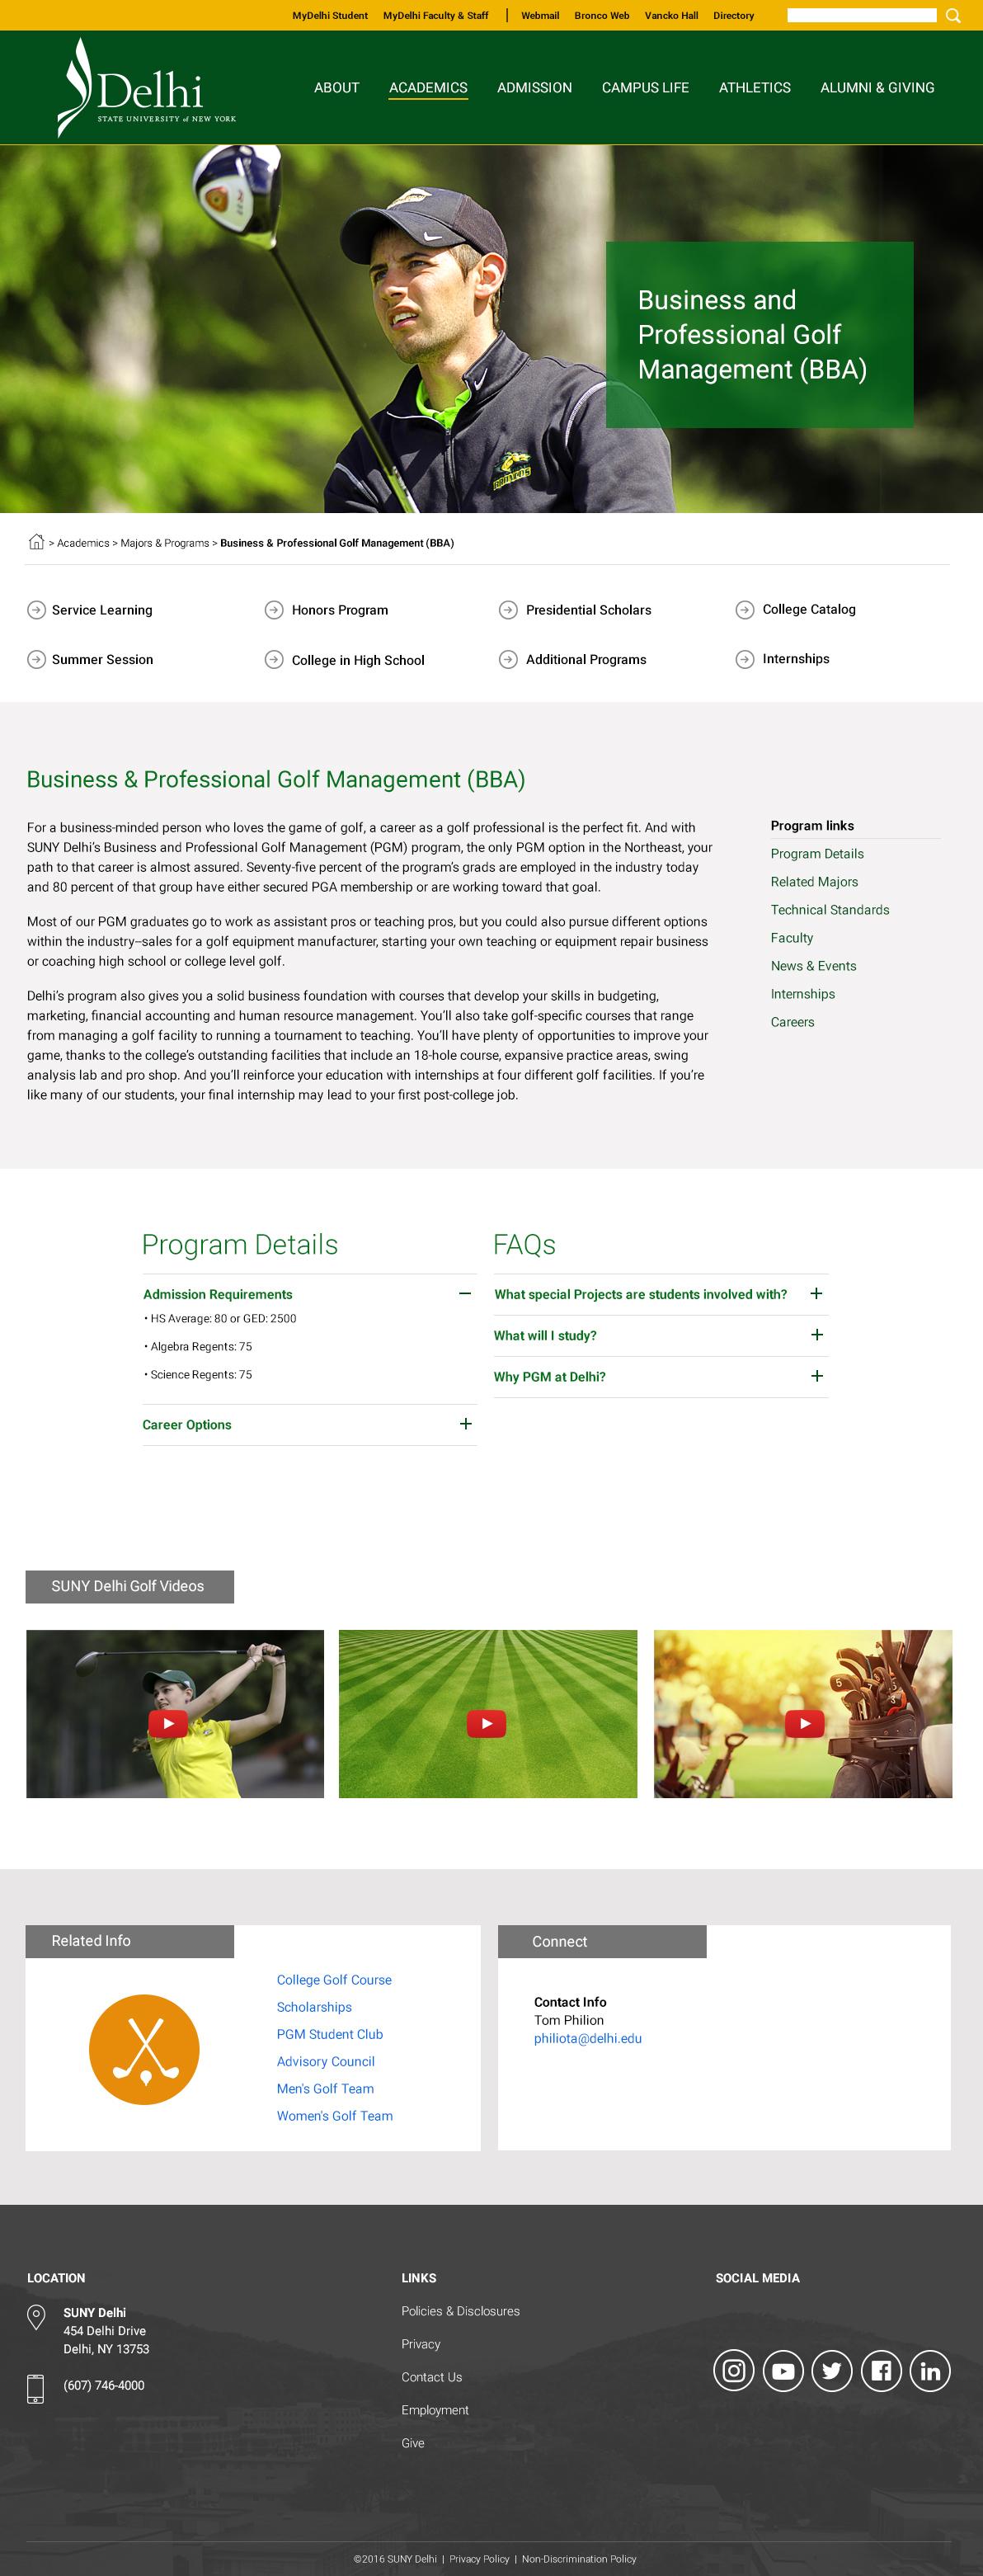 sunydelhi-academicprogramgolf-tier-4-1170-design2aexpandedmenu